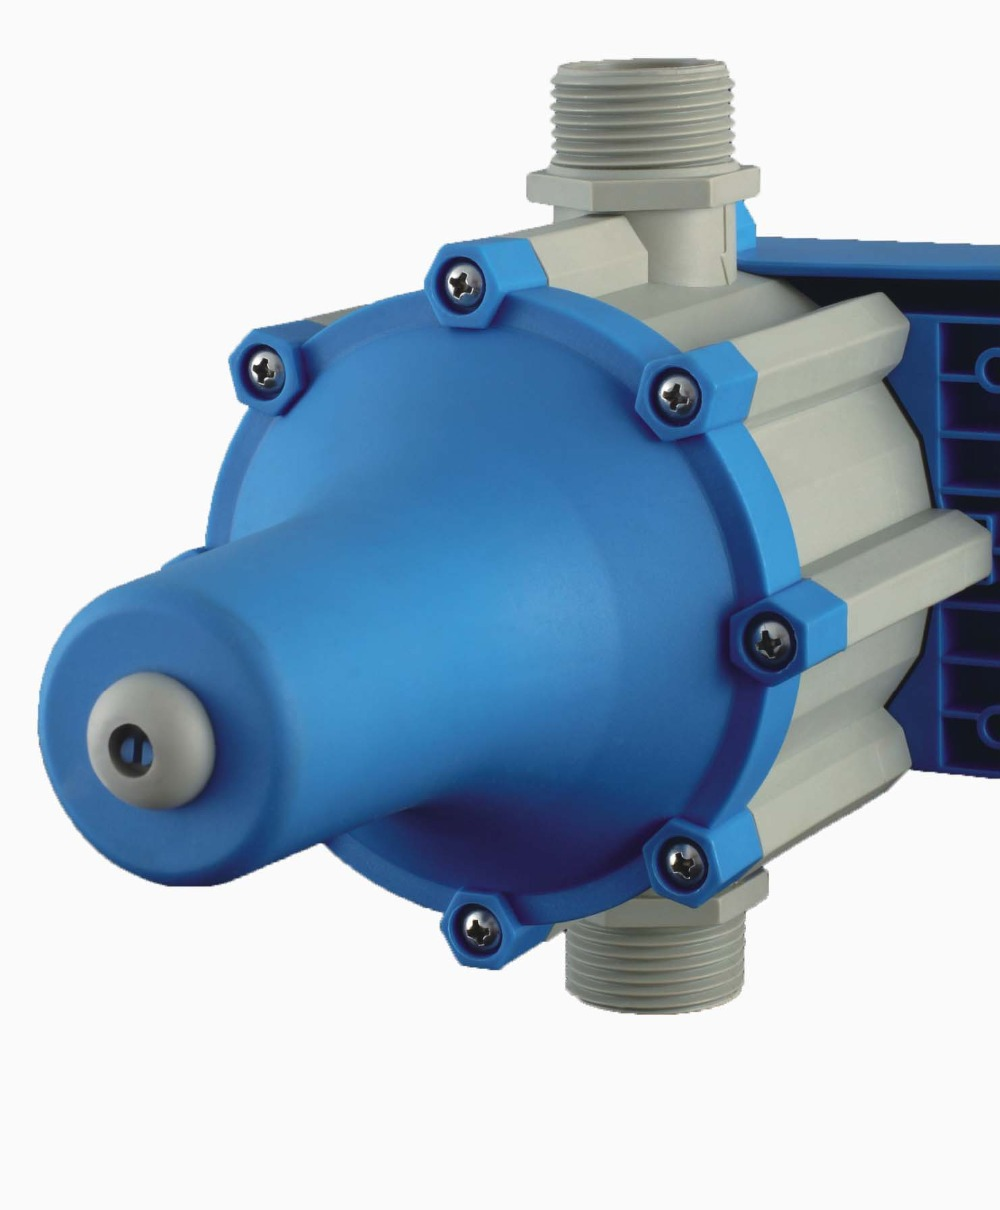 Aliexpress.com : Buy WATER PUMP CONTROLLER PRESSURE CONTROL SWITCH ...